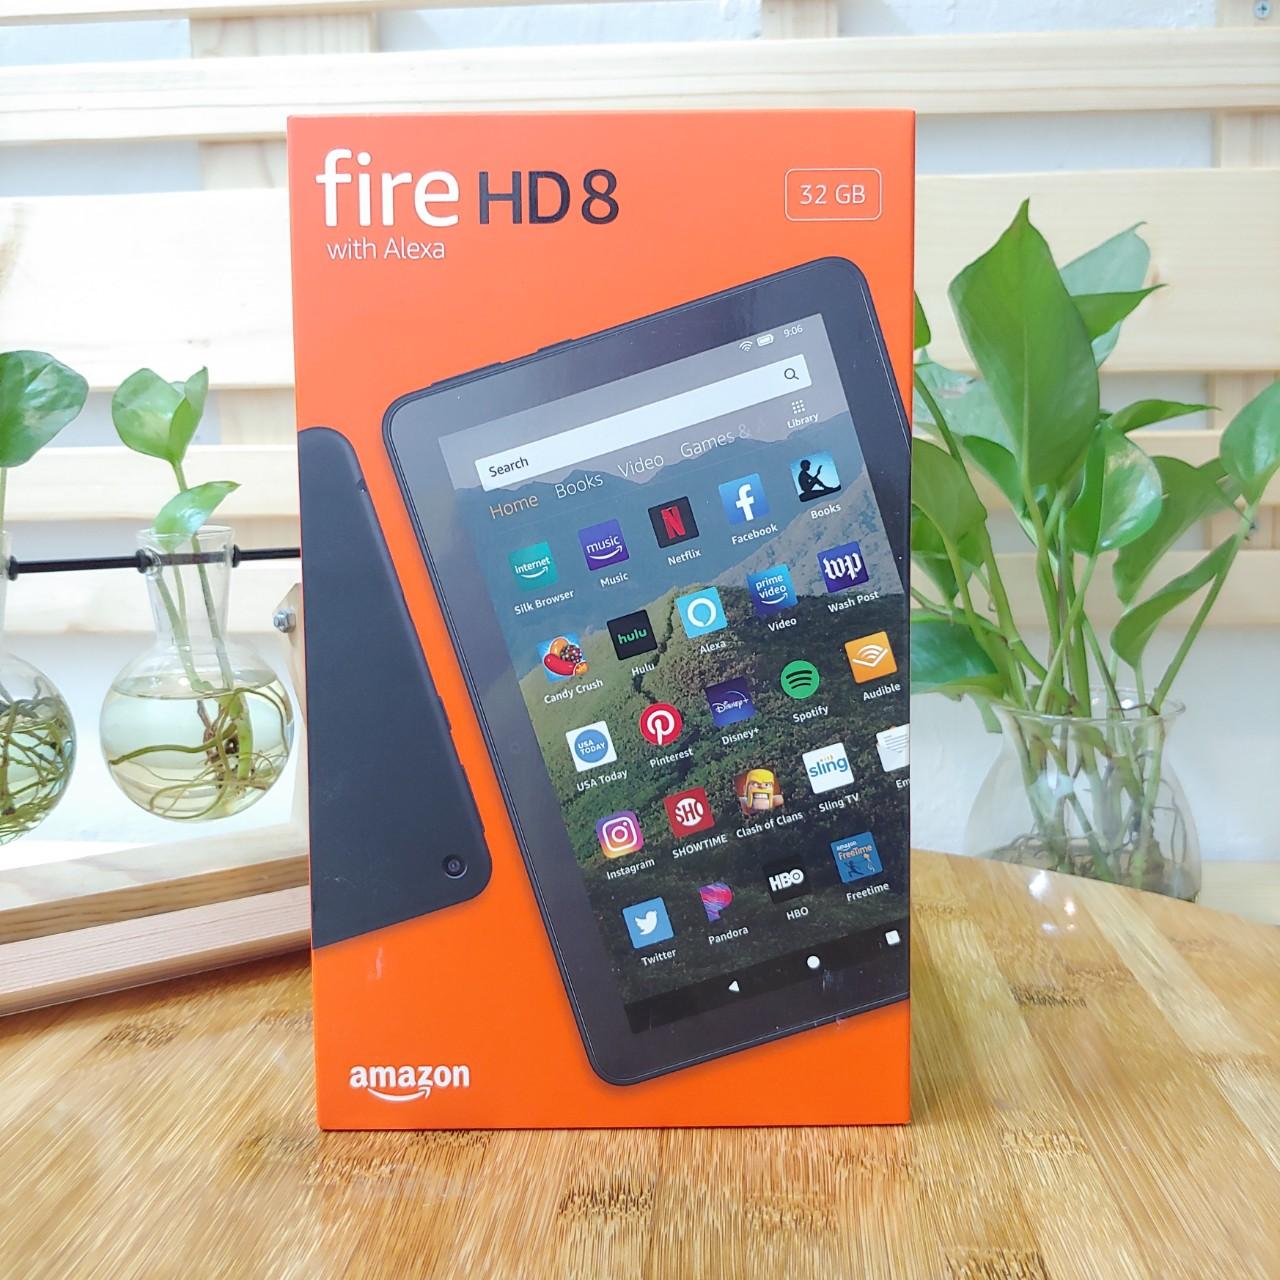 [New 100%] Máy tính bảng Kindle Fire HD 8 (10th) 2020 màn hình 8inch sắc nét, RAM 2GB, dung lượng 32GB